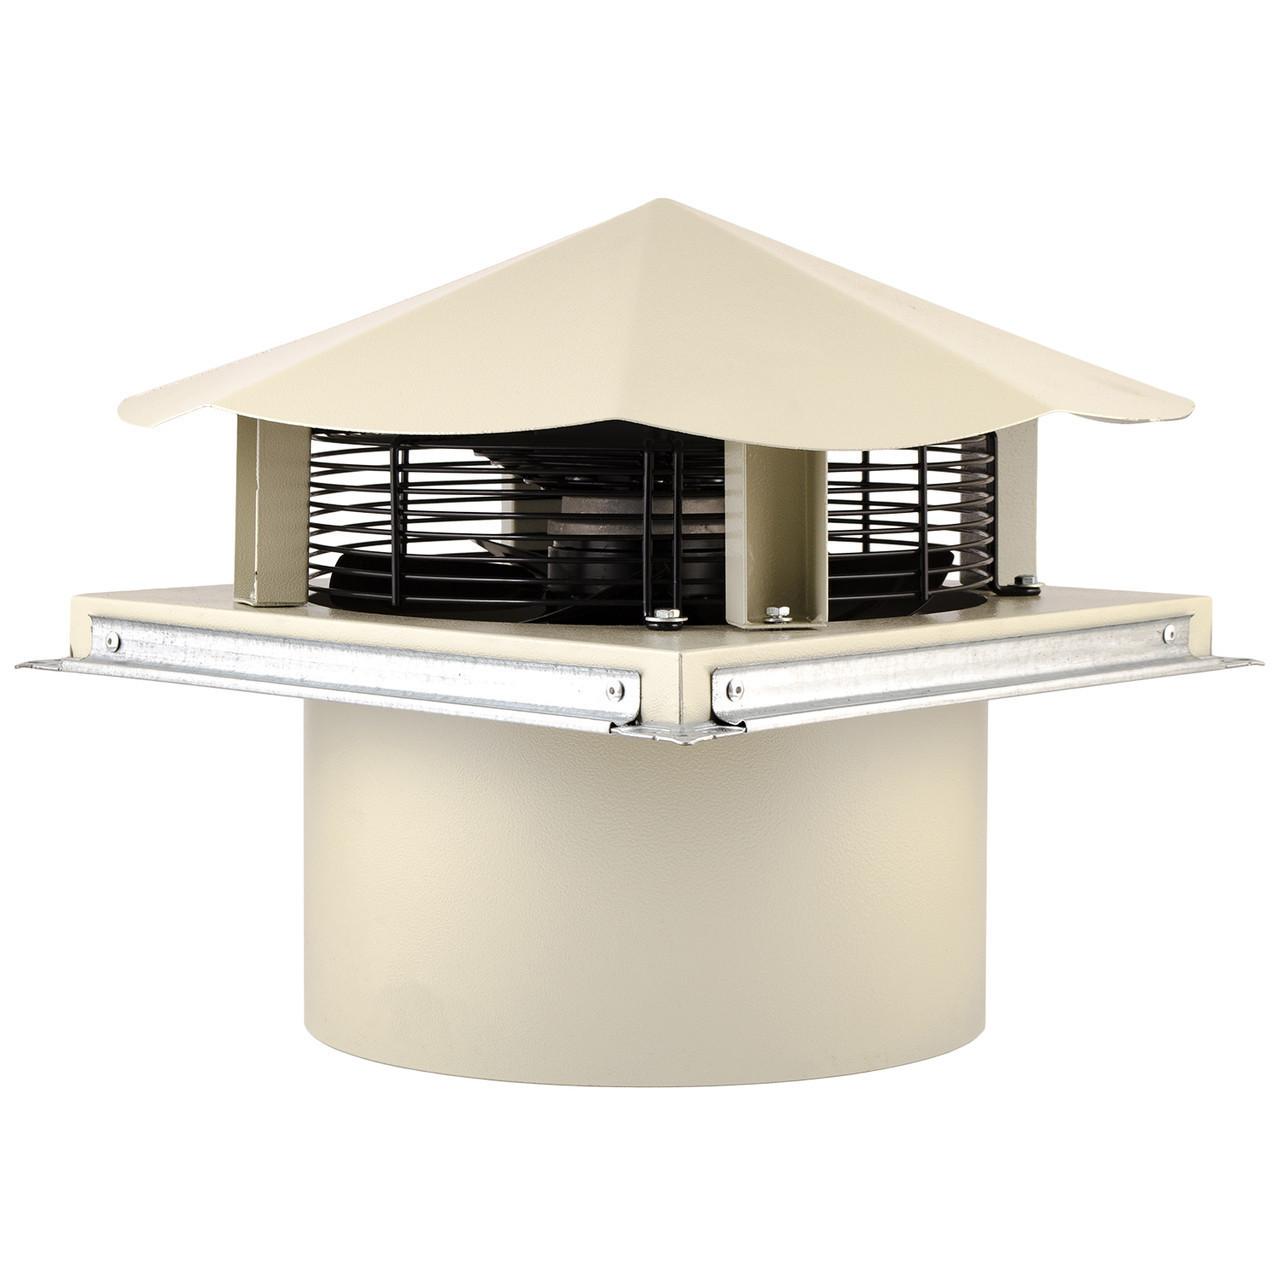 Осьовий даховий вентилятор Турбовент КВО 450